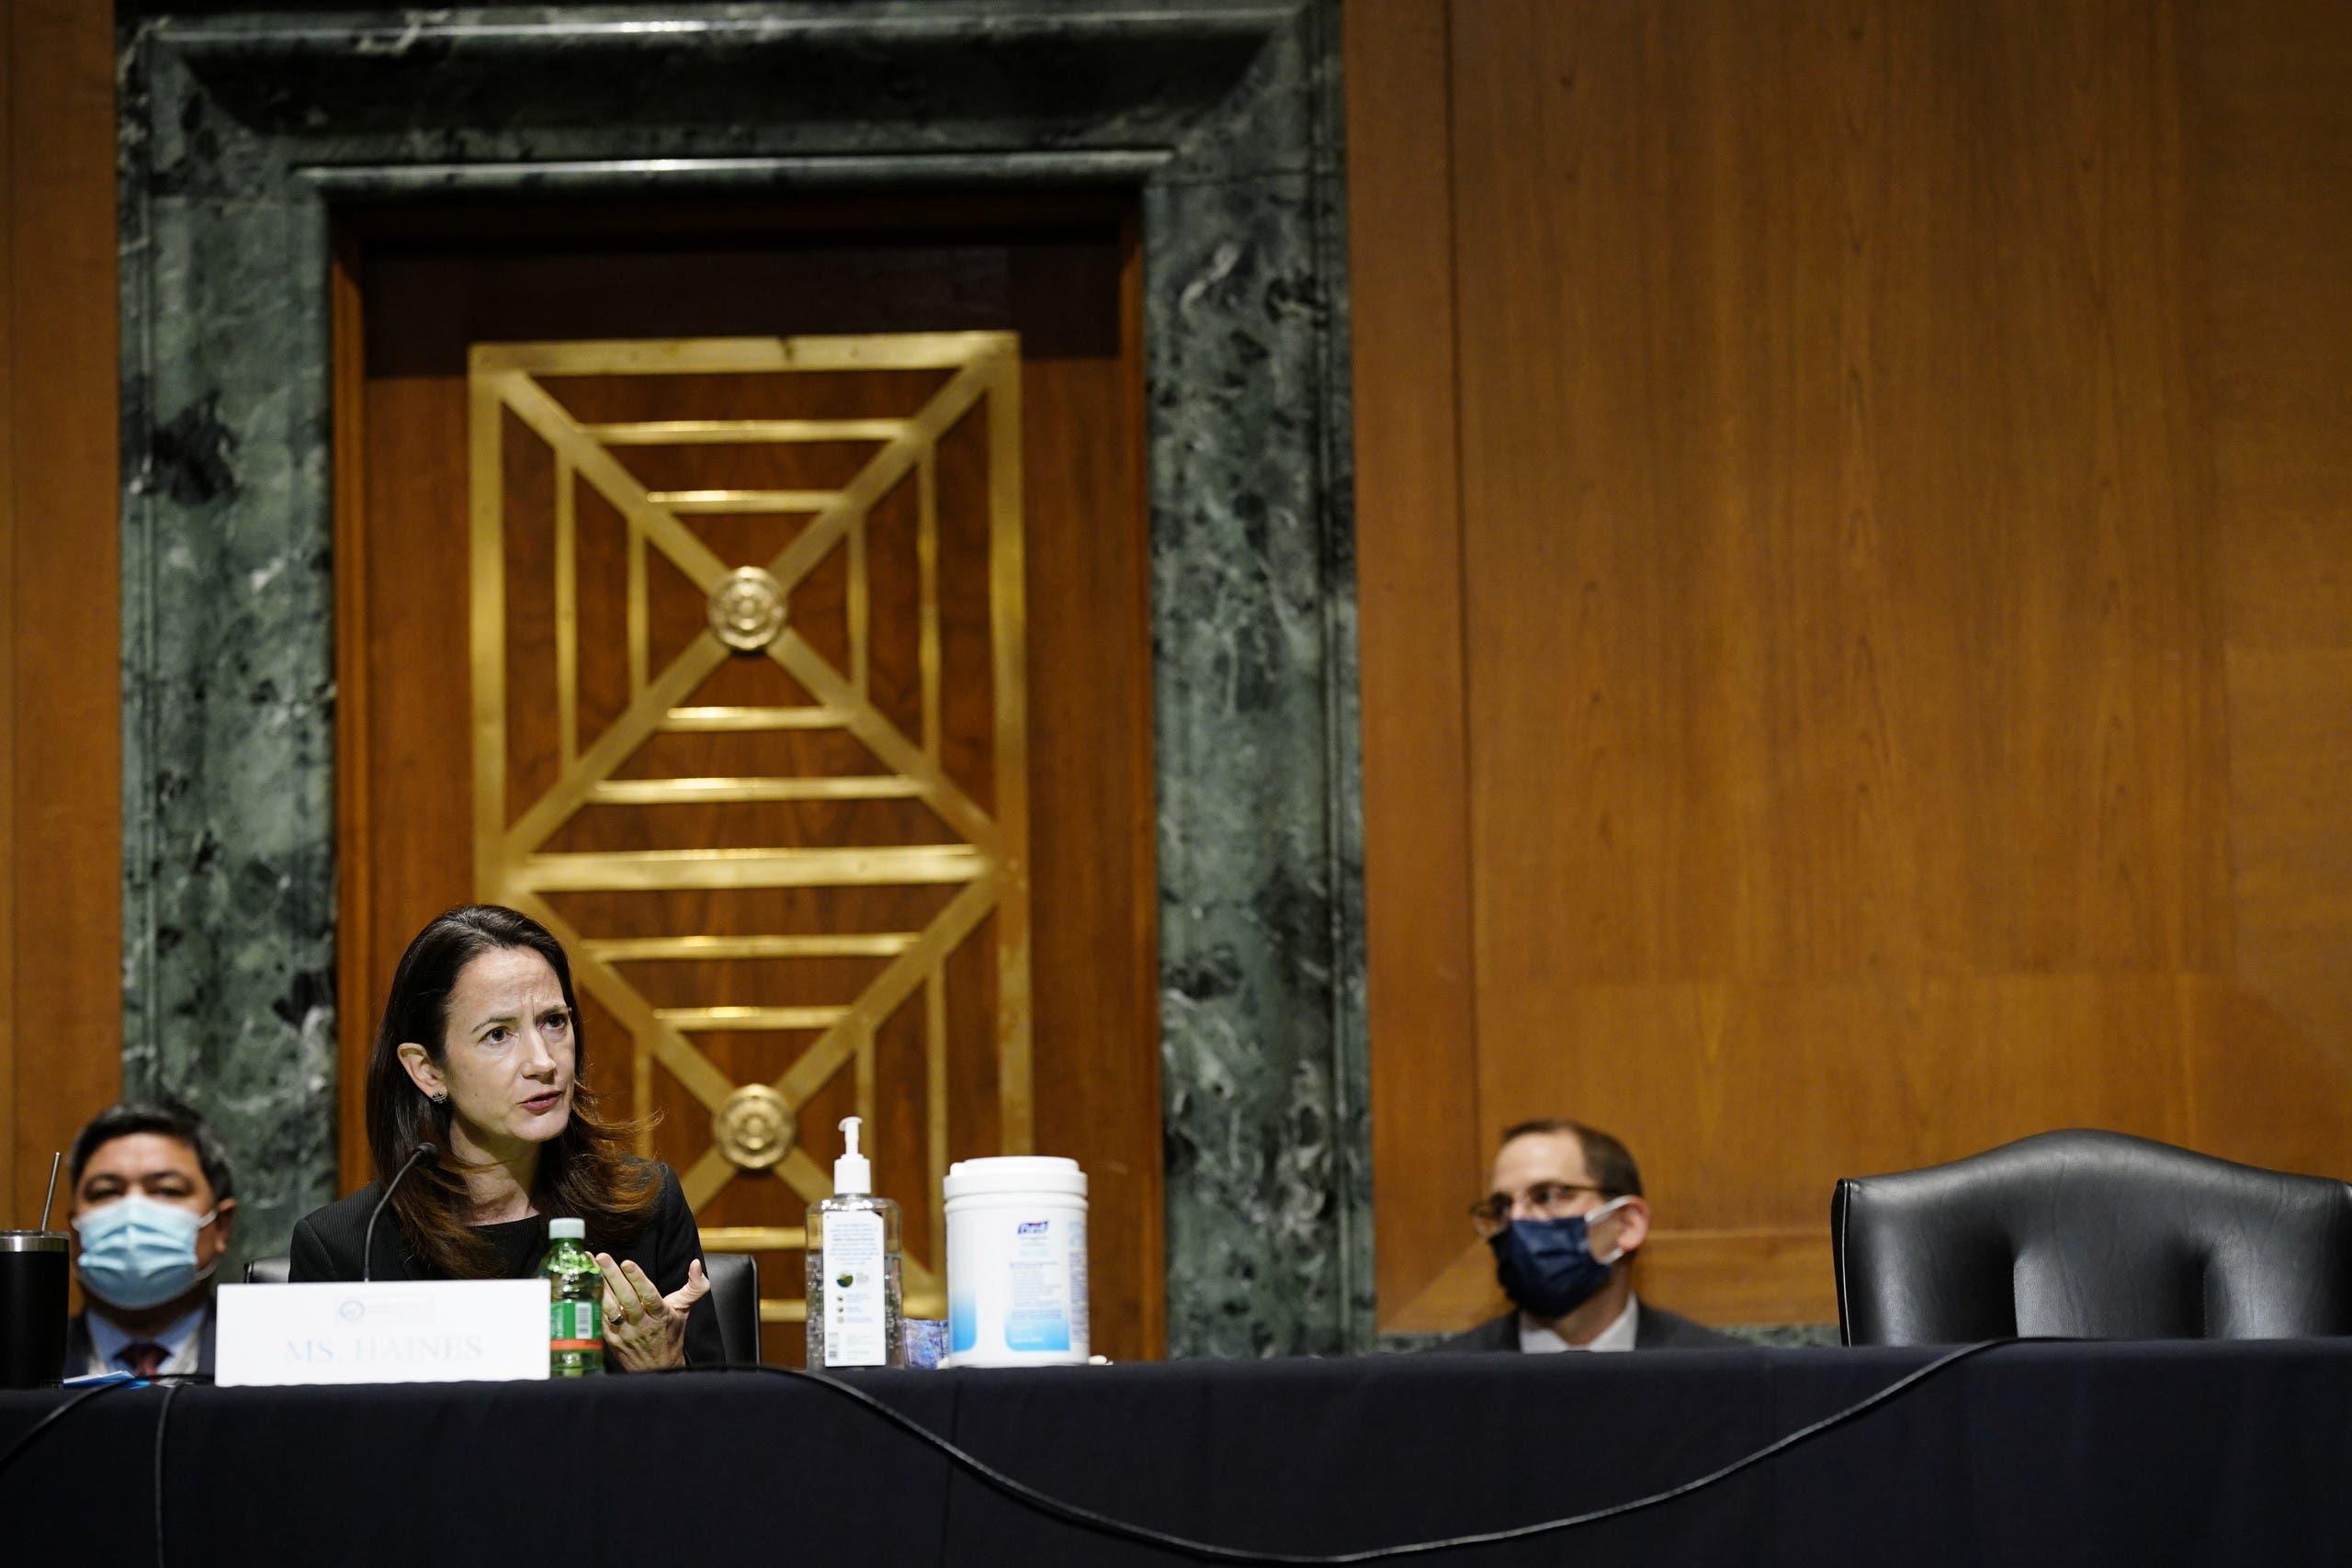 هينز خلال جلسة في مجلس الشيوخ لتثبيتها في منصبها